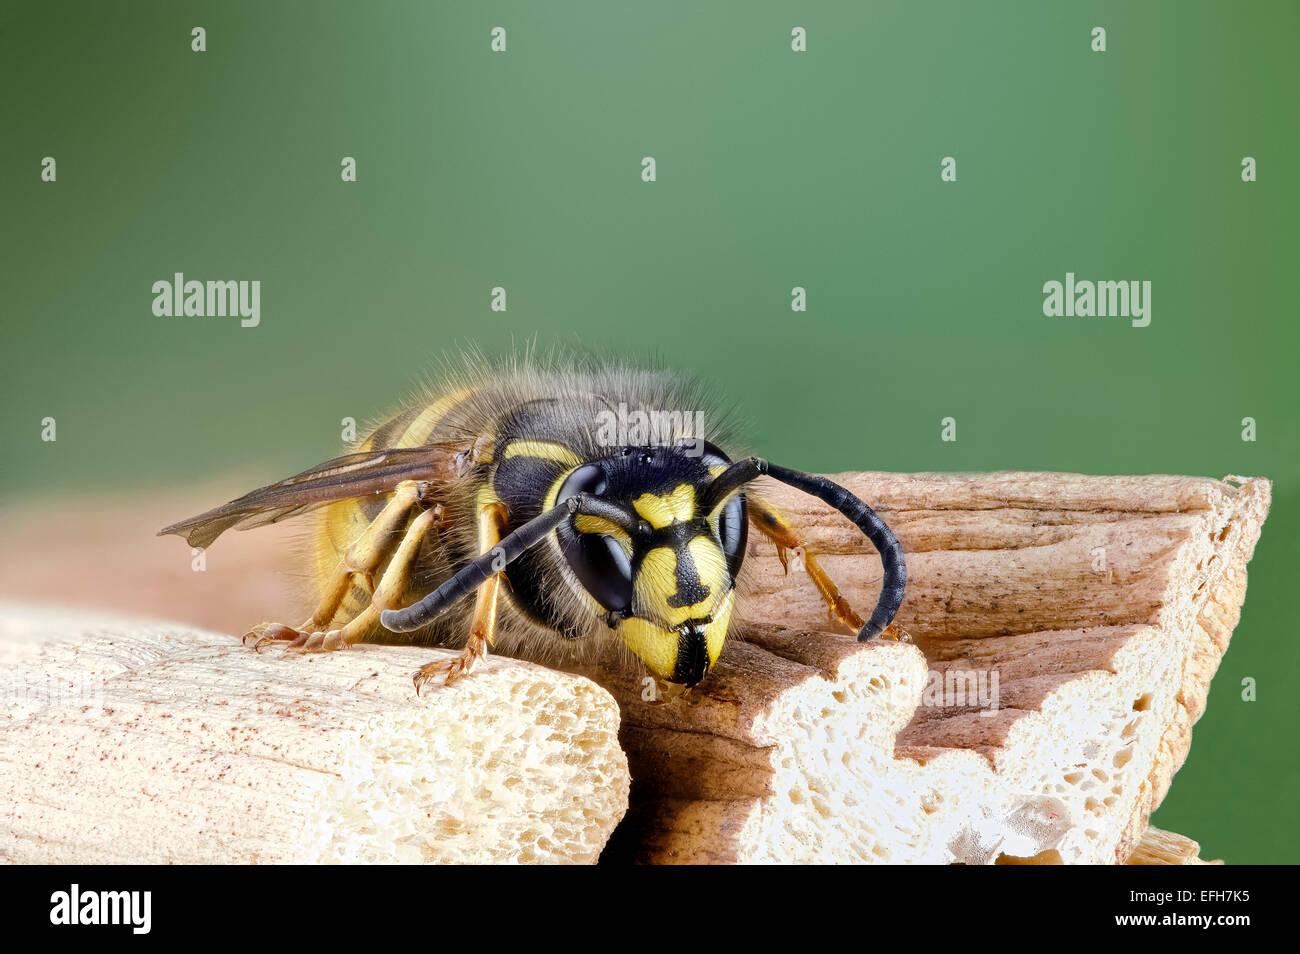 Close up of common wasp Vespula vulgaris - Stock Image